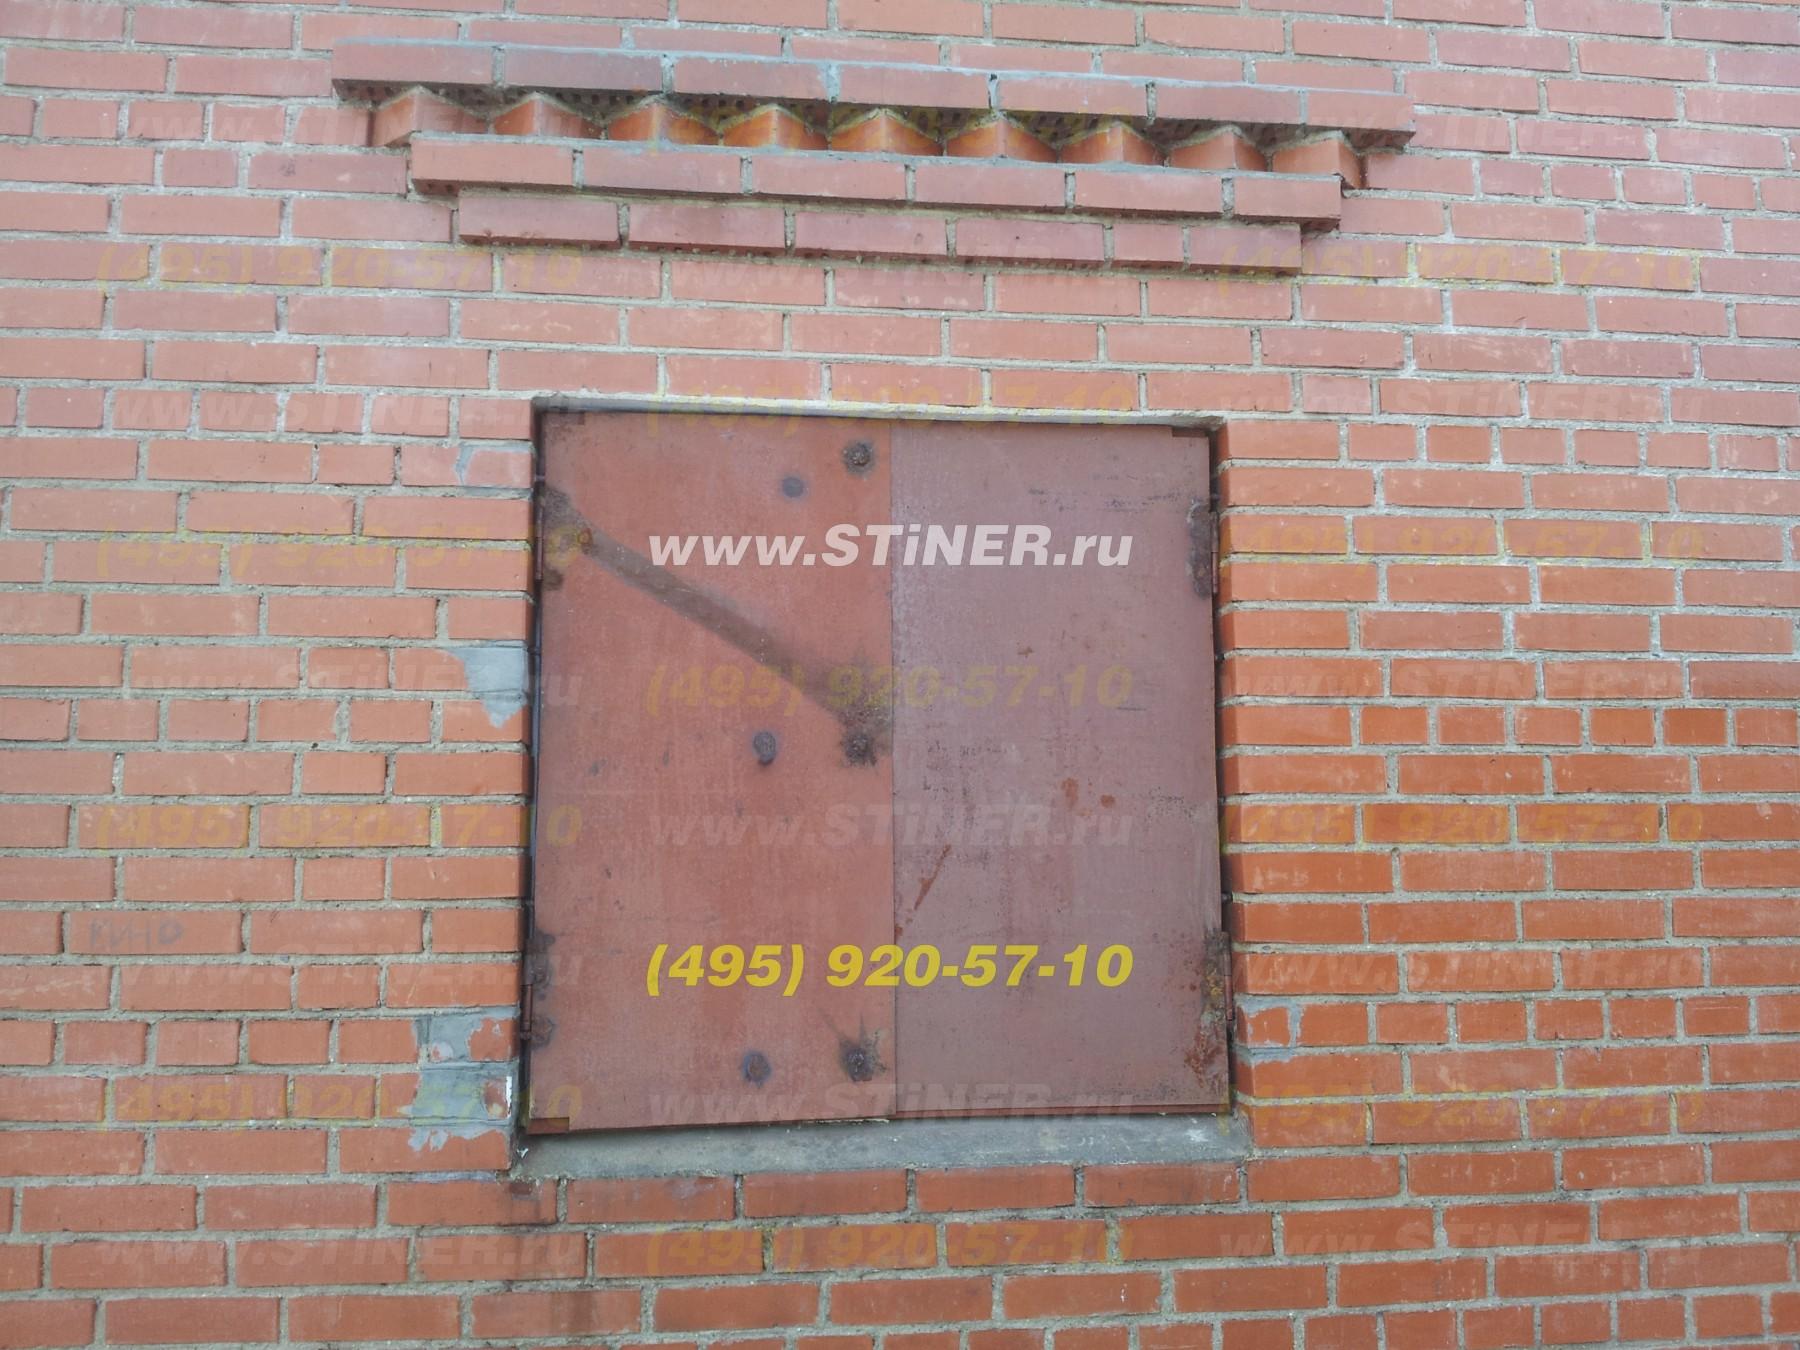 Антивандальные роллеты для защиты окон дачи в Московской области